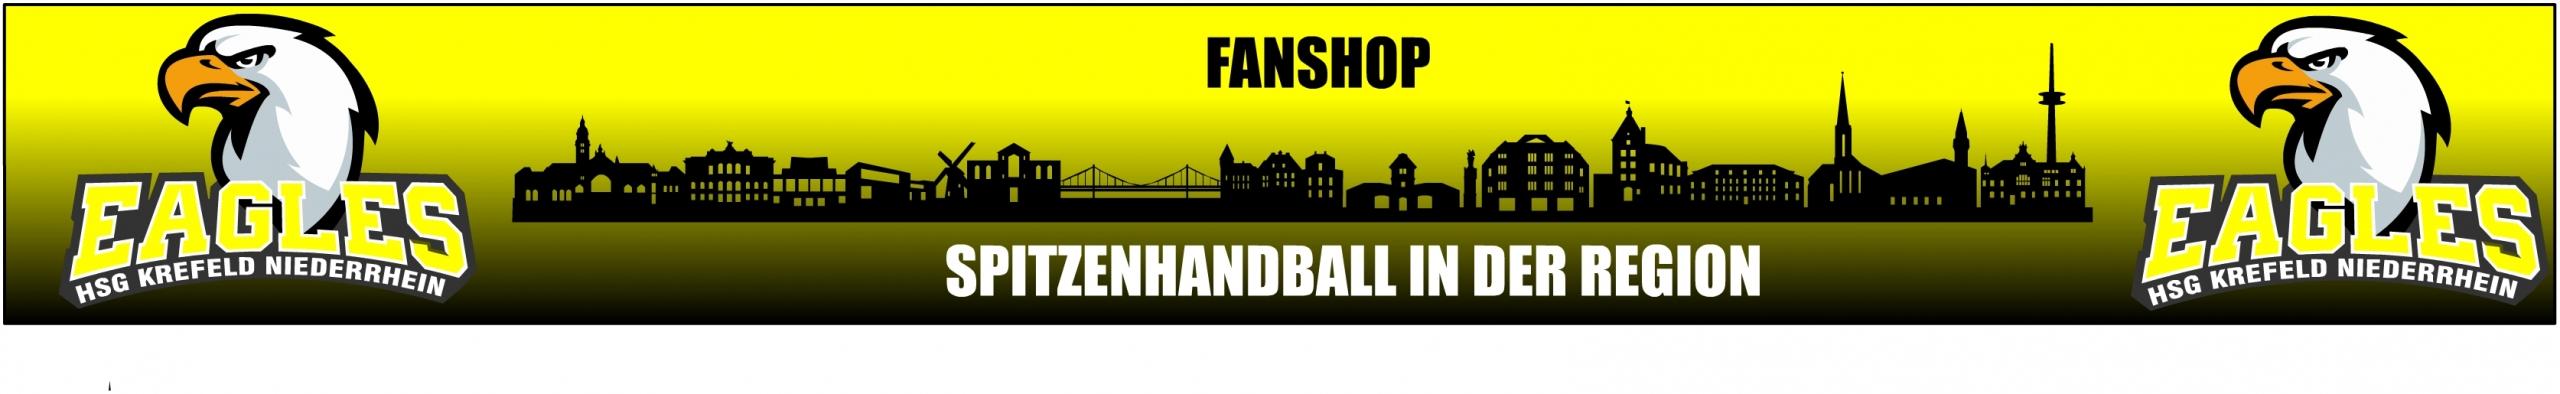 HSG Fanshop Banner